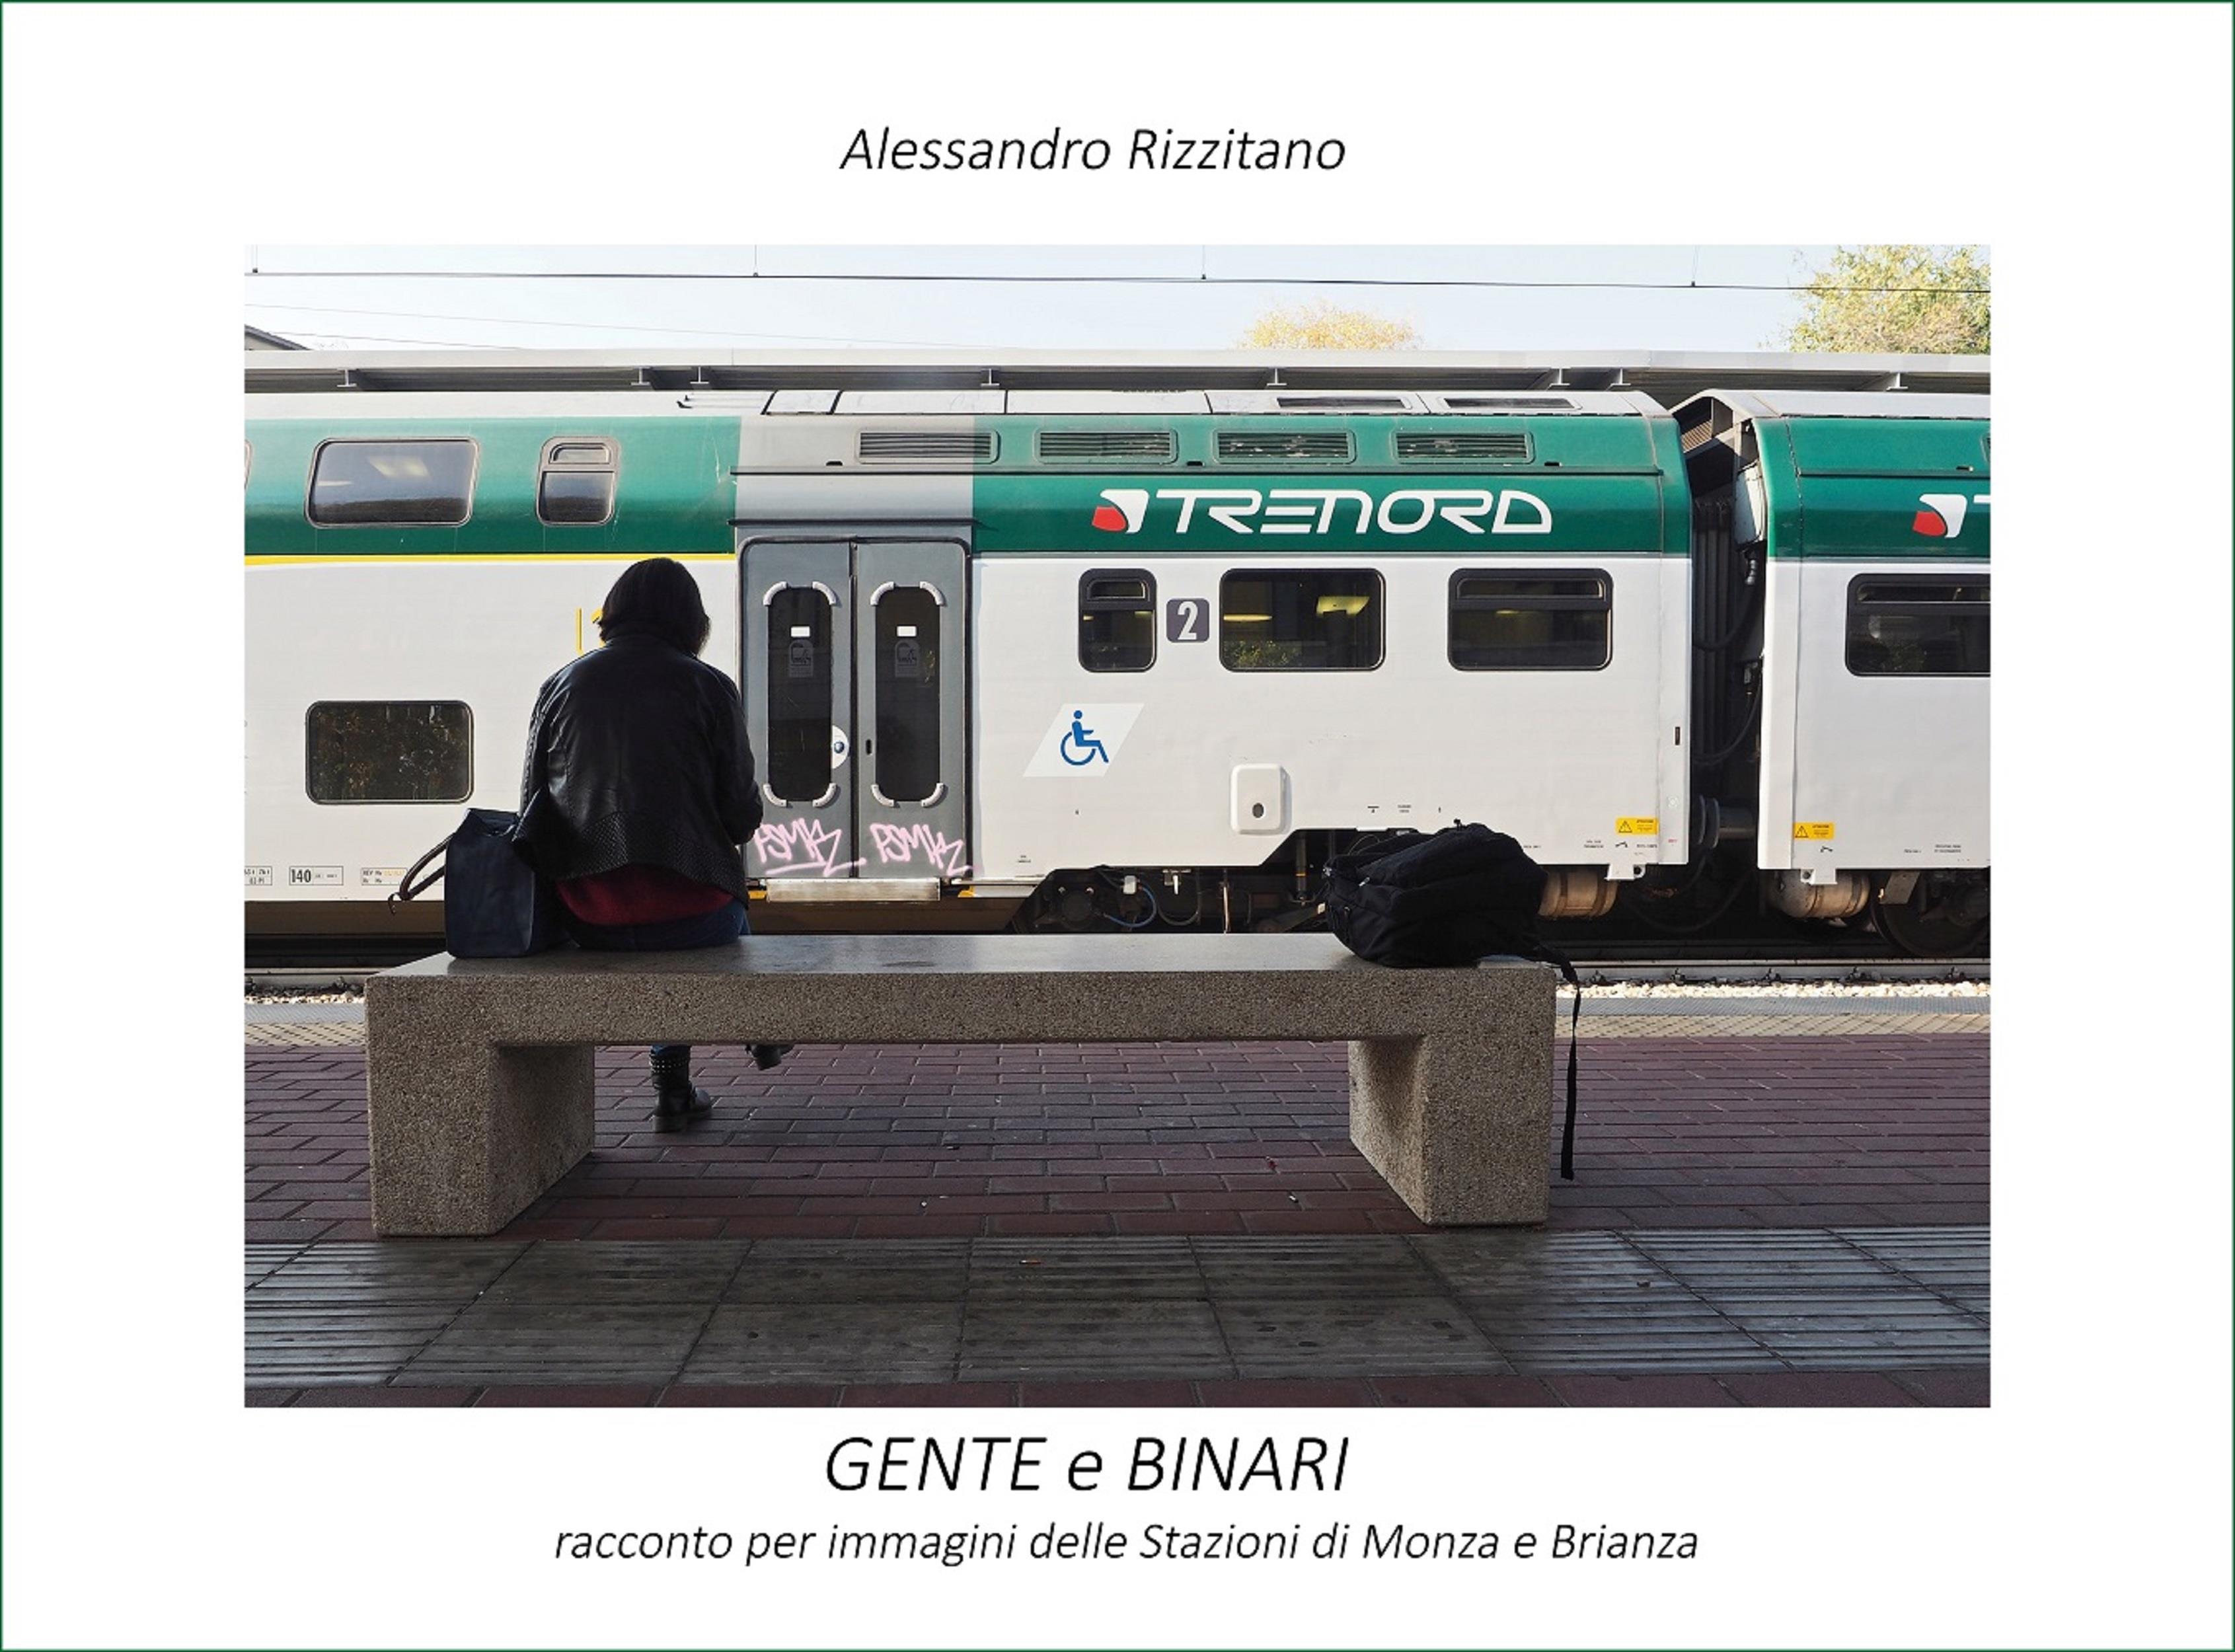 Gente e binari. Racconto per immagini delle stazioni di Monza e Brianza